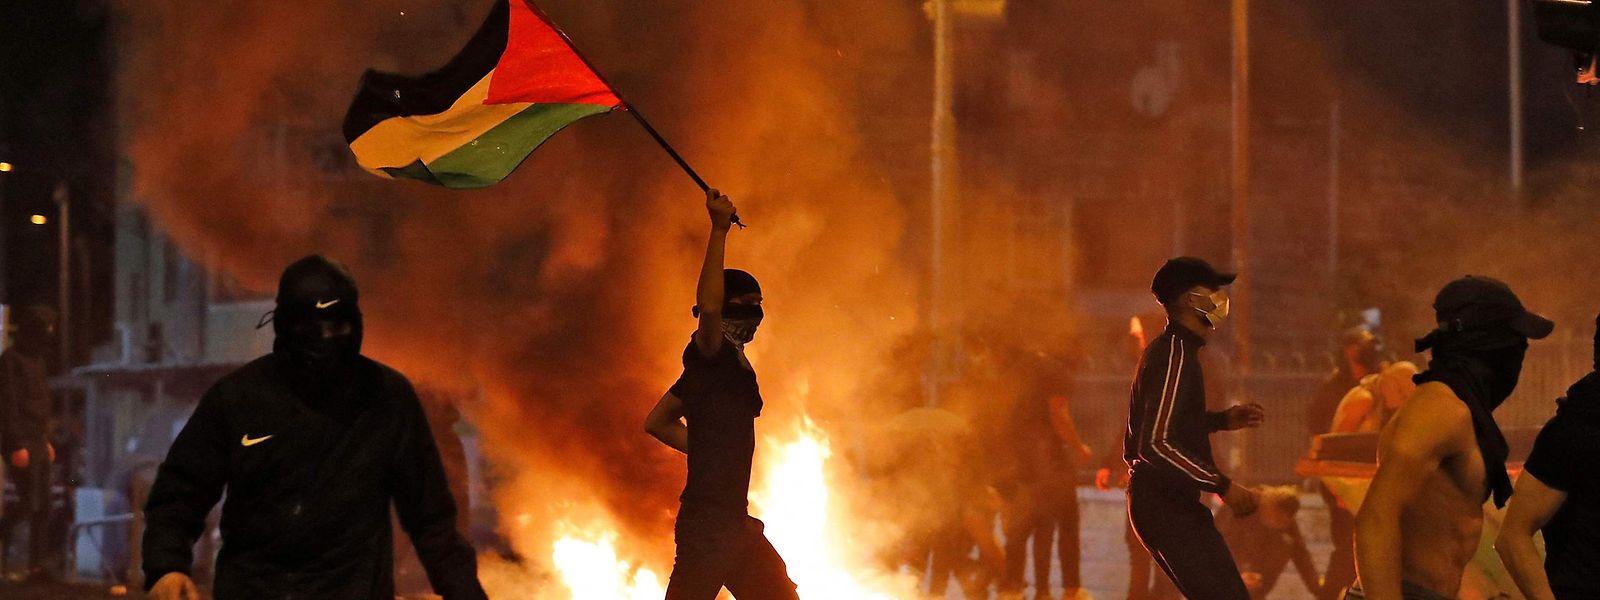 Zusammenstöße zwischen protestierenden Palästinensern und israelischen Sicherheitskräften in Ostjerusalem.